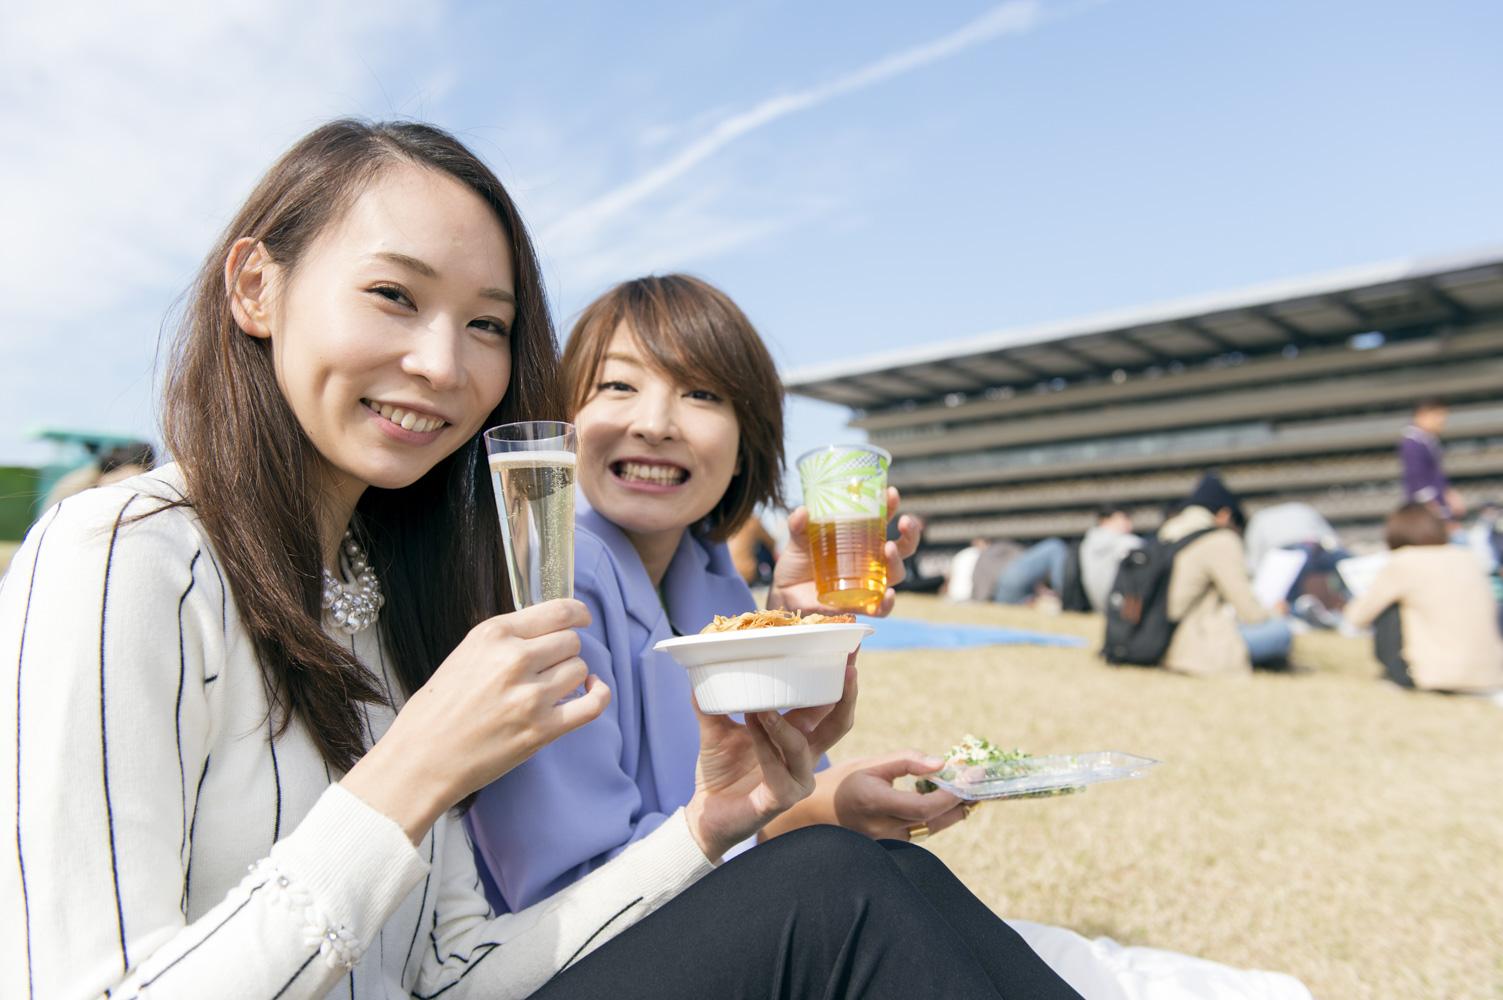 芝生スペースに腰を下ろし、ピクニック気分でかんぱ〜い!